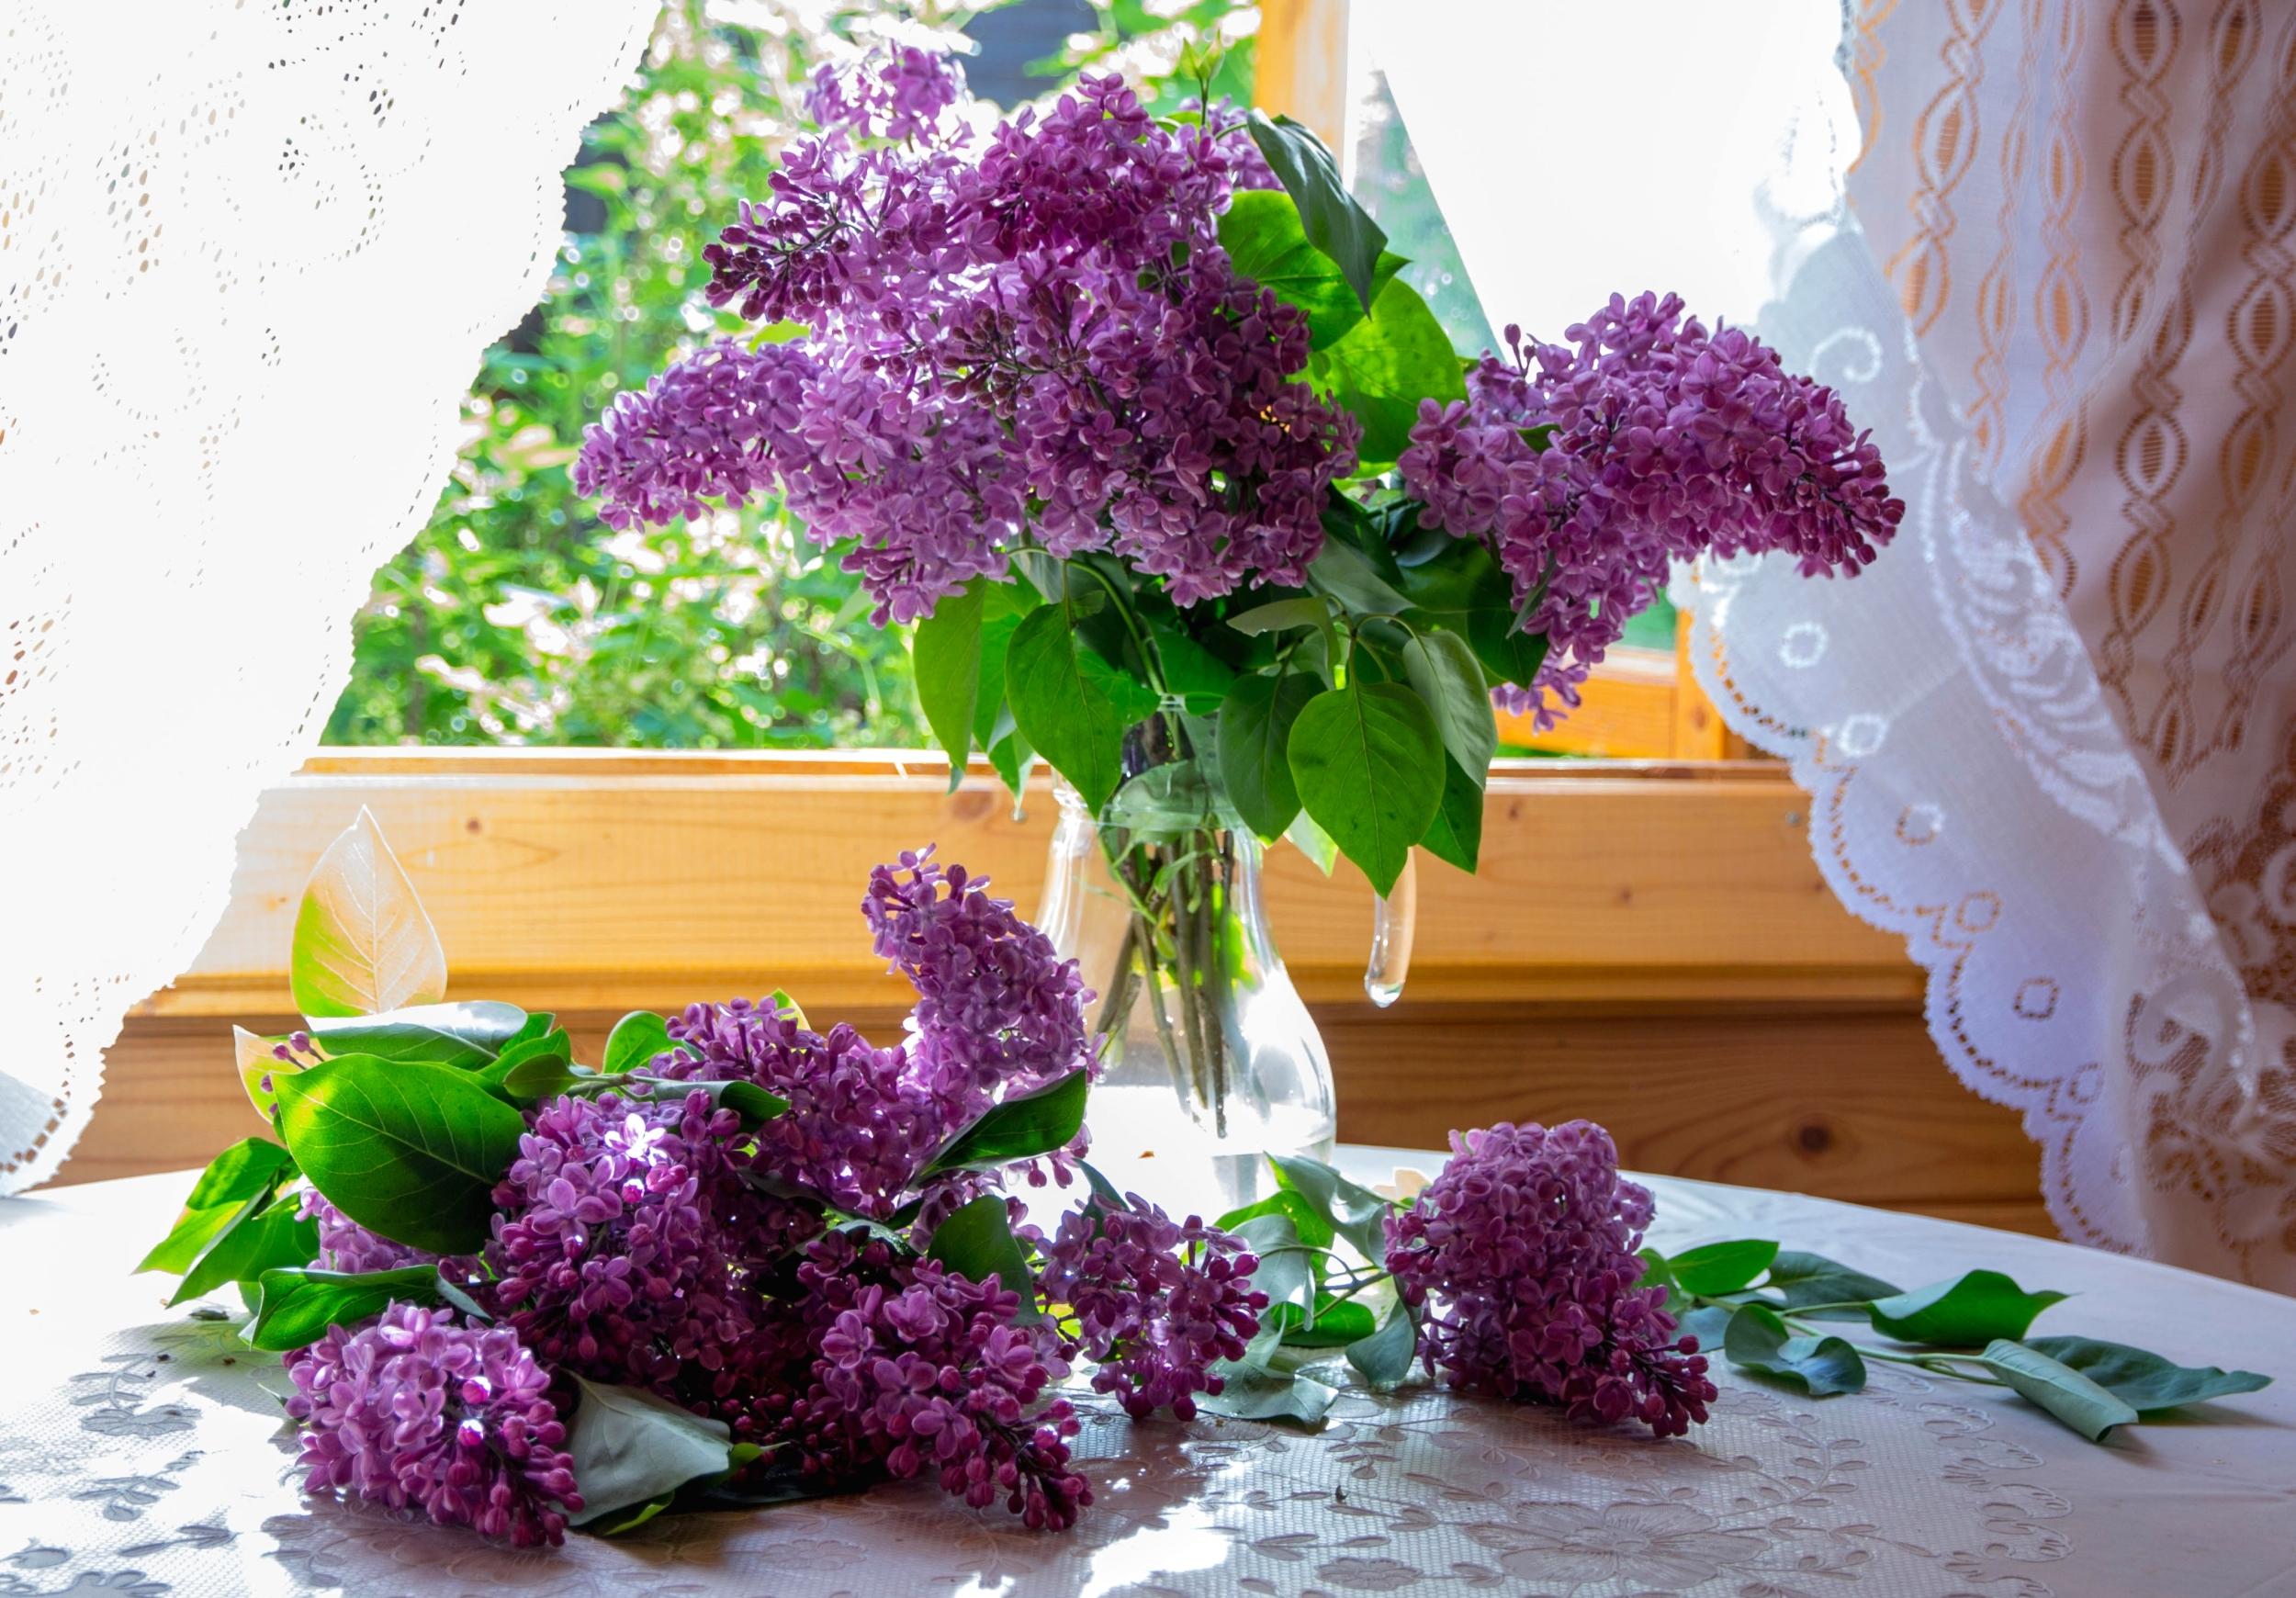 Цветы на окне в вазе без смс